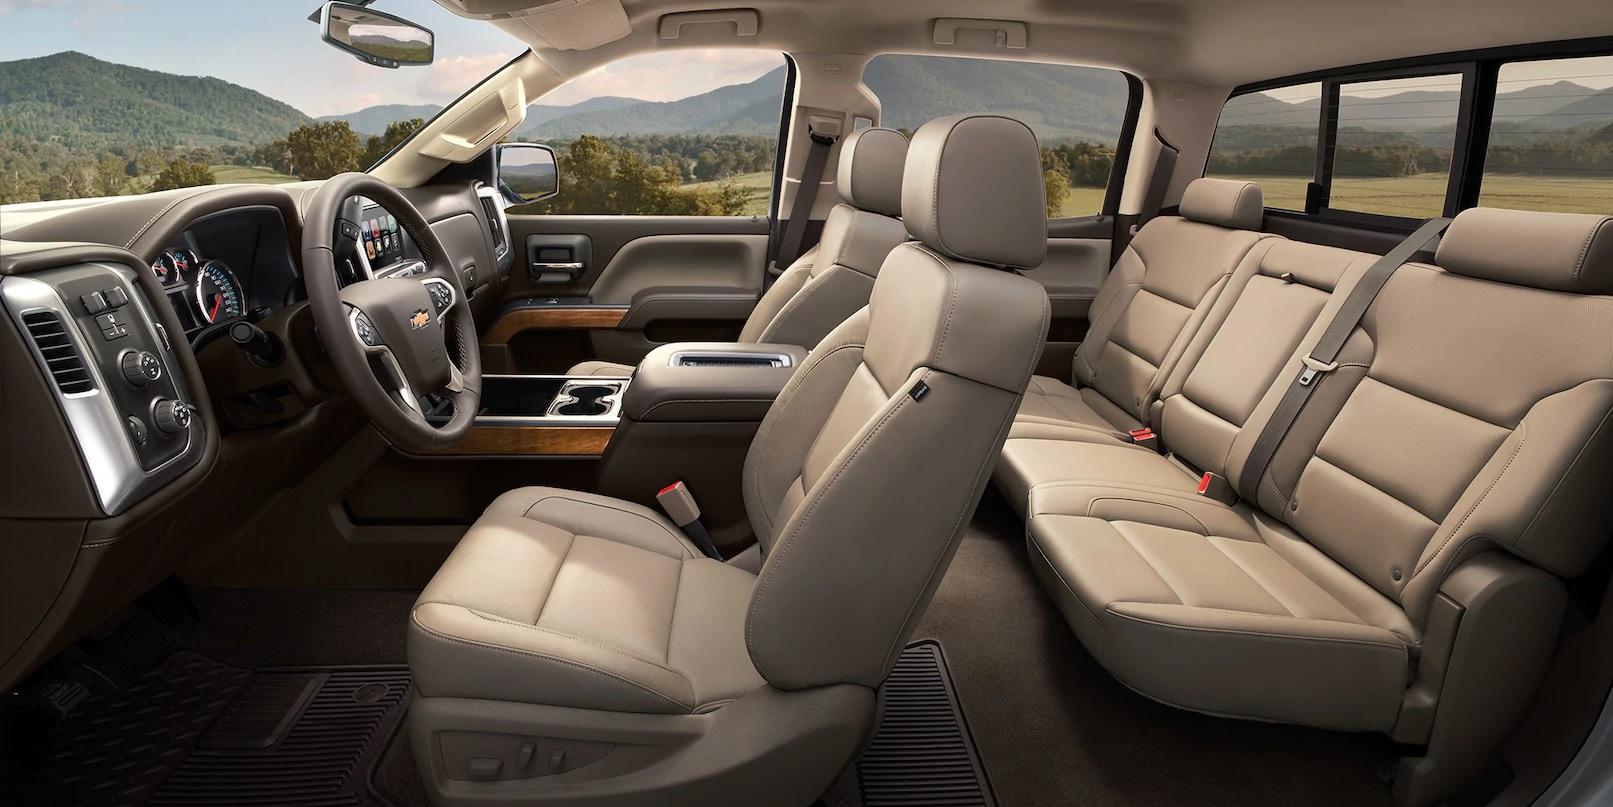 Interior of the 2019 Chevrolet Silverado 2500HD